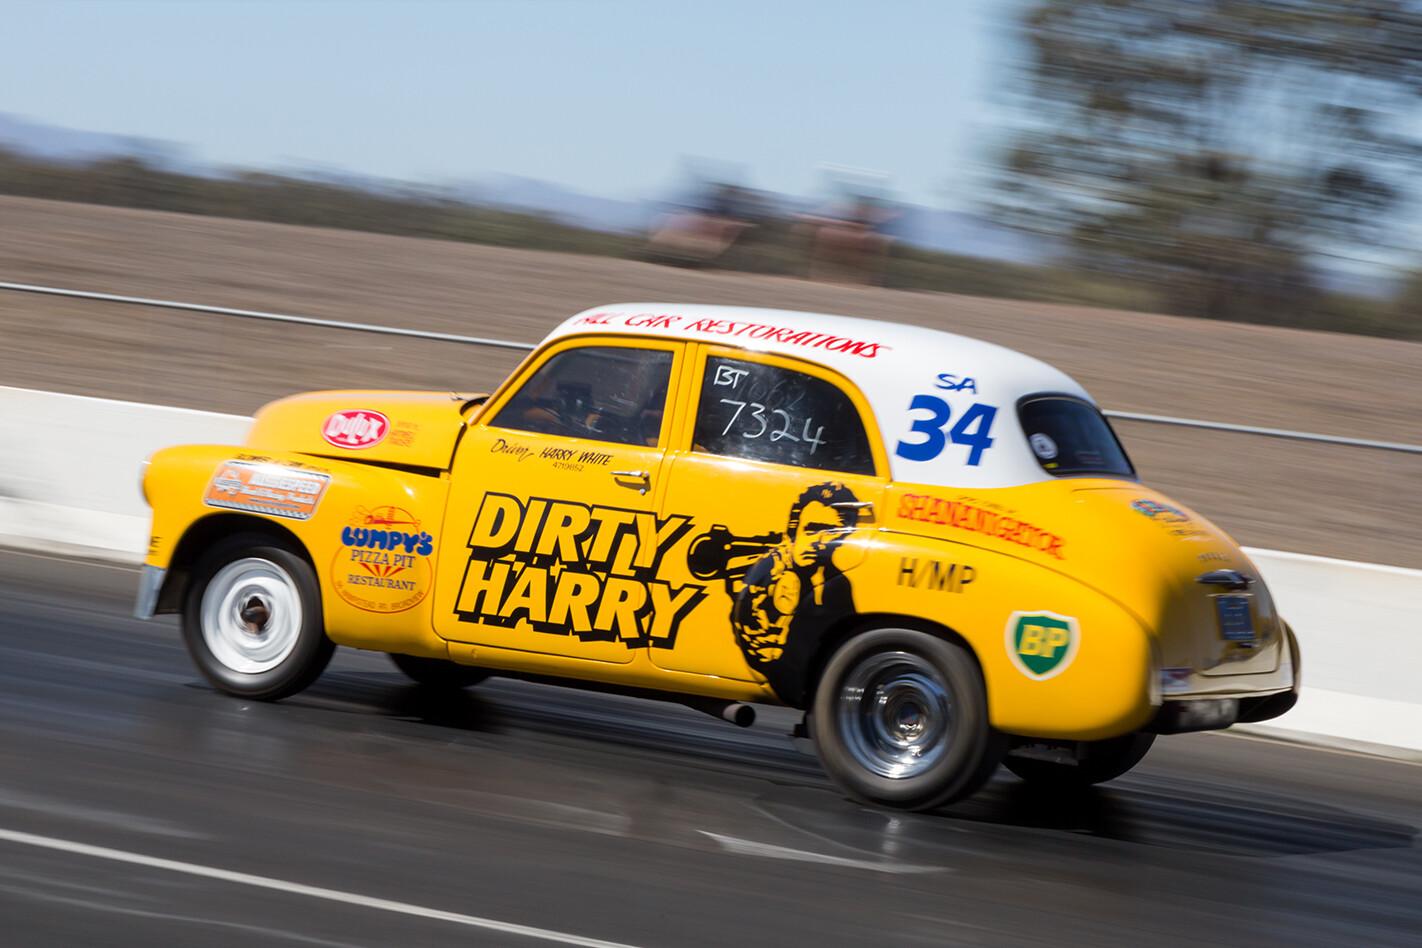 Dirty Harry FJ Jpg